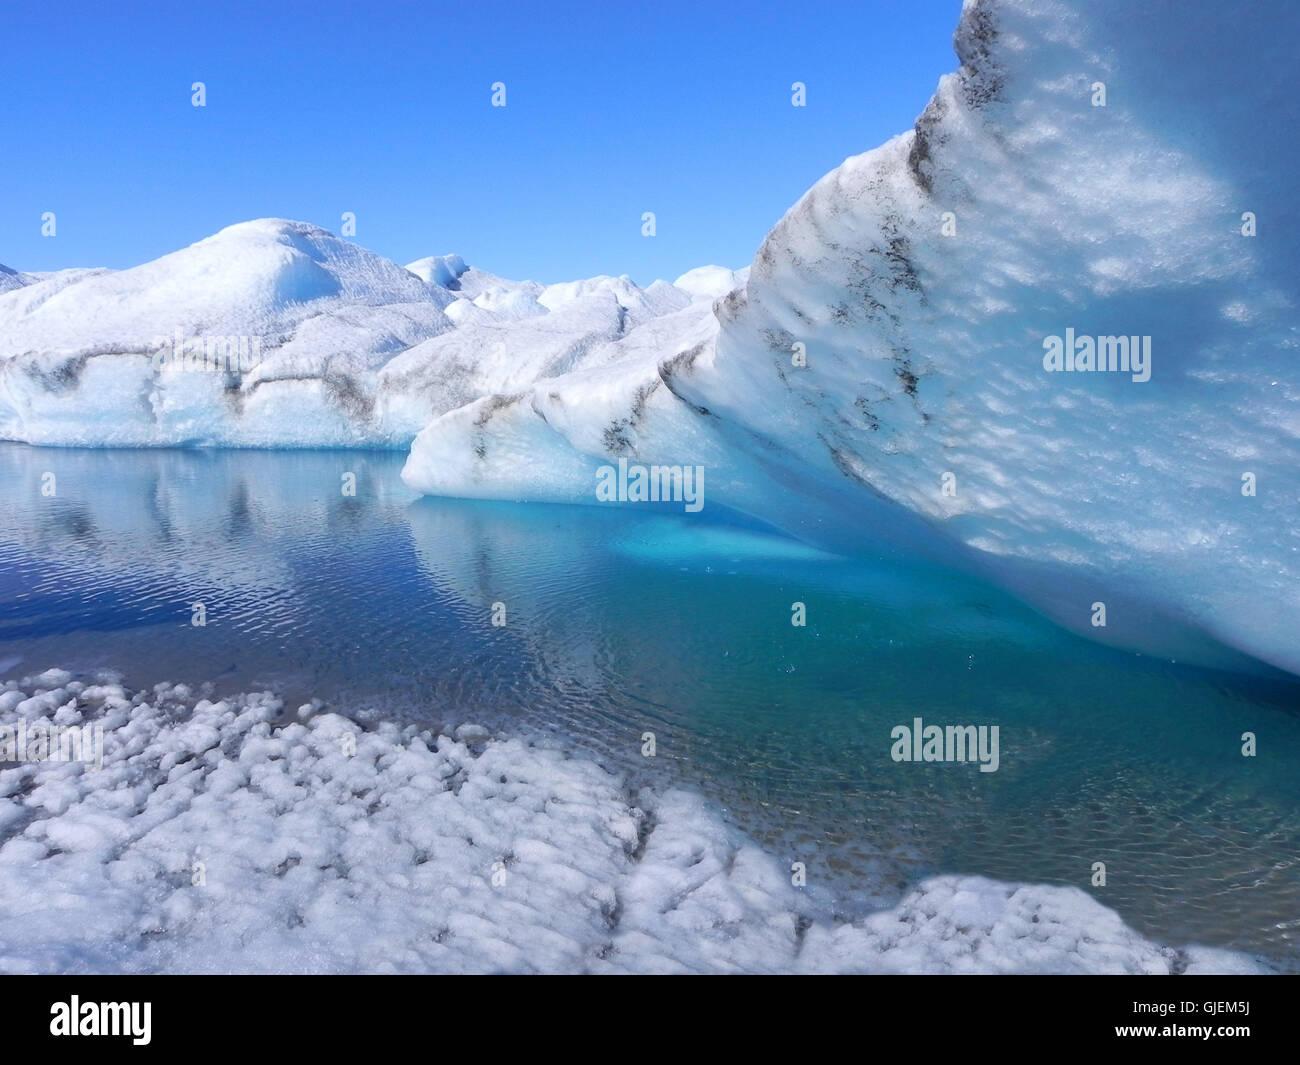 La fonte des glaces au Groenland - La caverne de glace avec de l'eau bleue Photo Stock